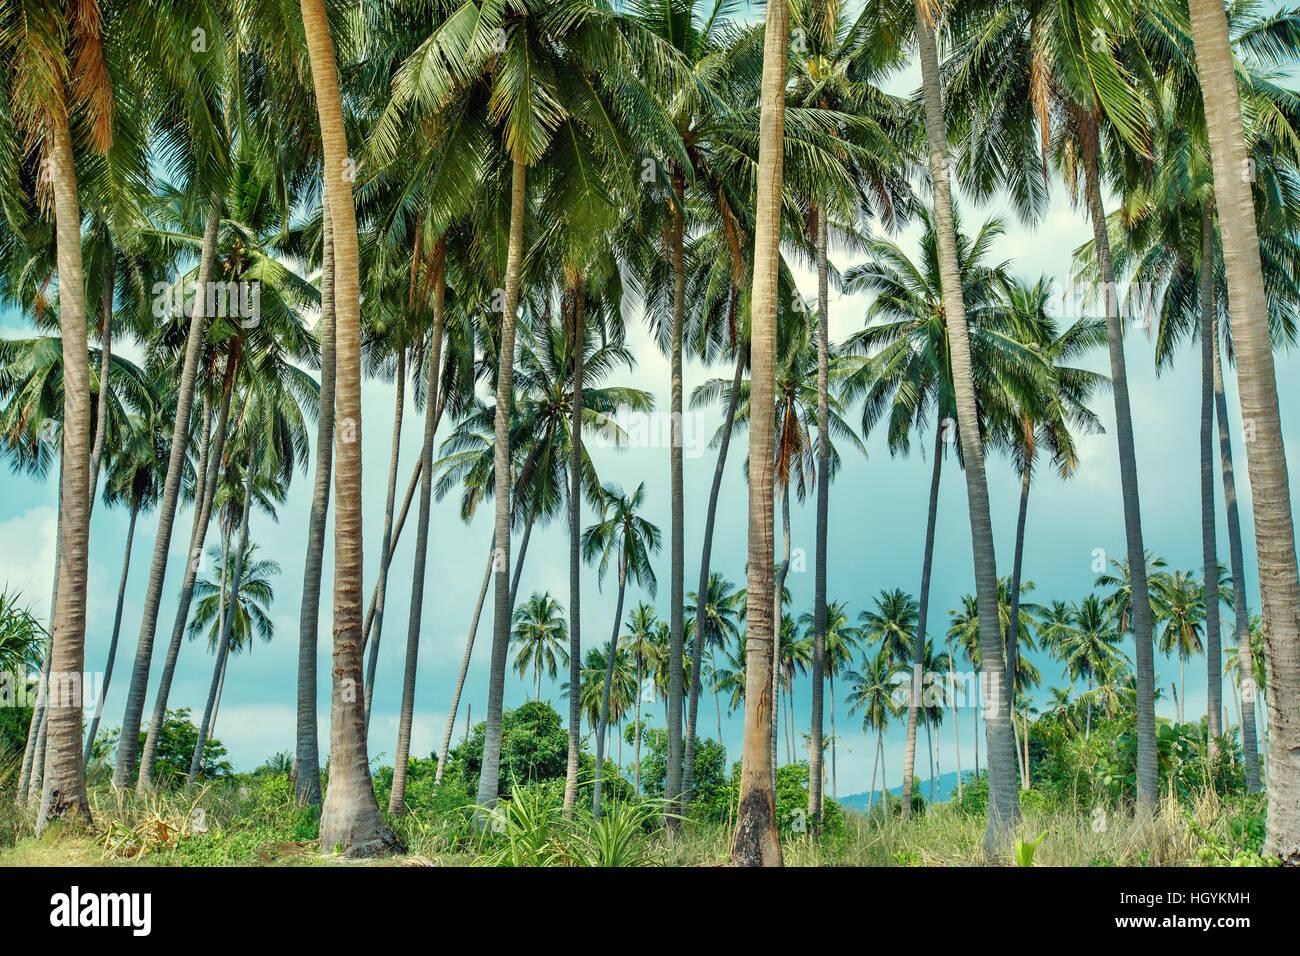 Palme da cocco sulla spiaggia tropicale di Koh Samui, Thailandia Immagini Stock